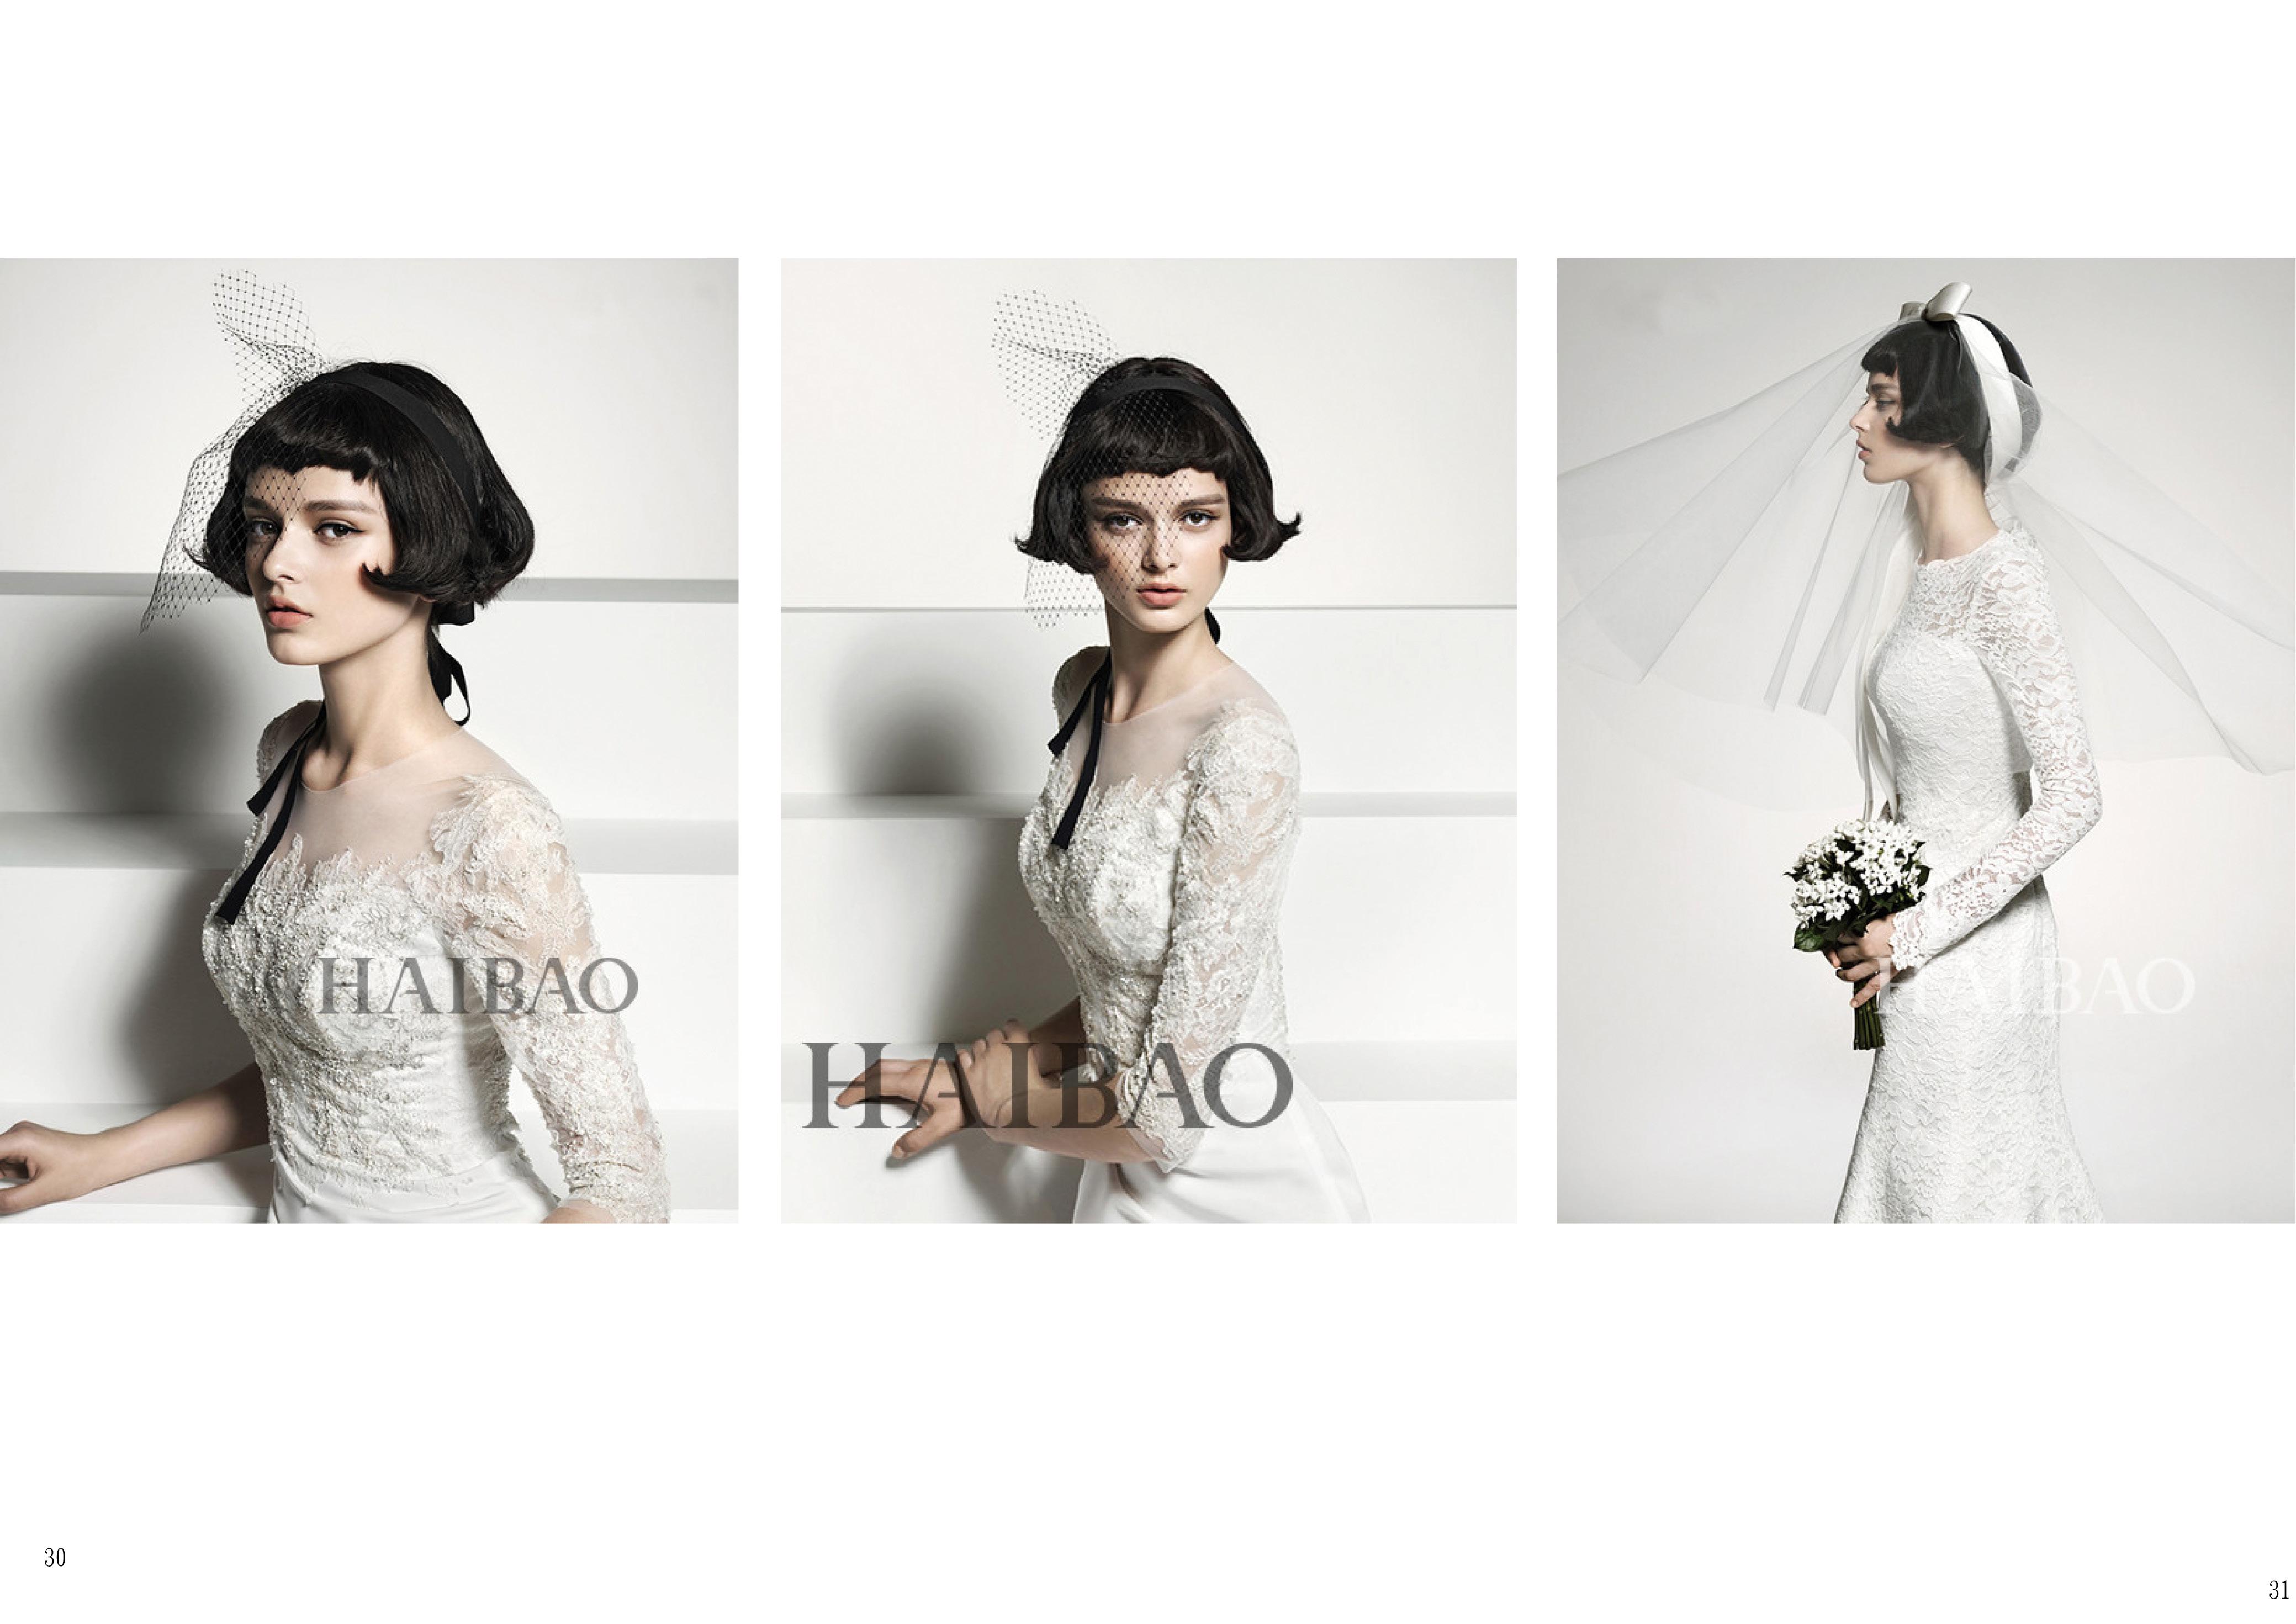 婚纱 婚纱照 4158_2941图片